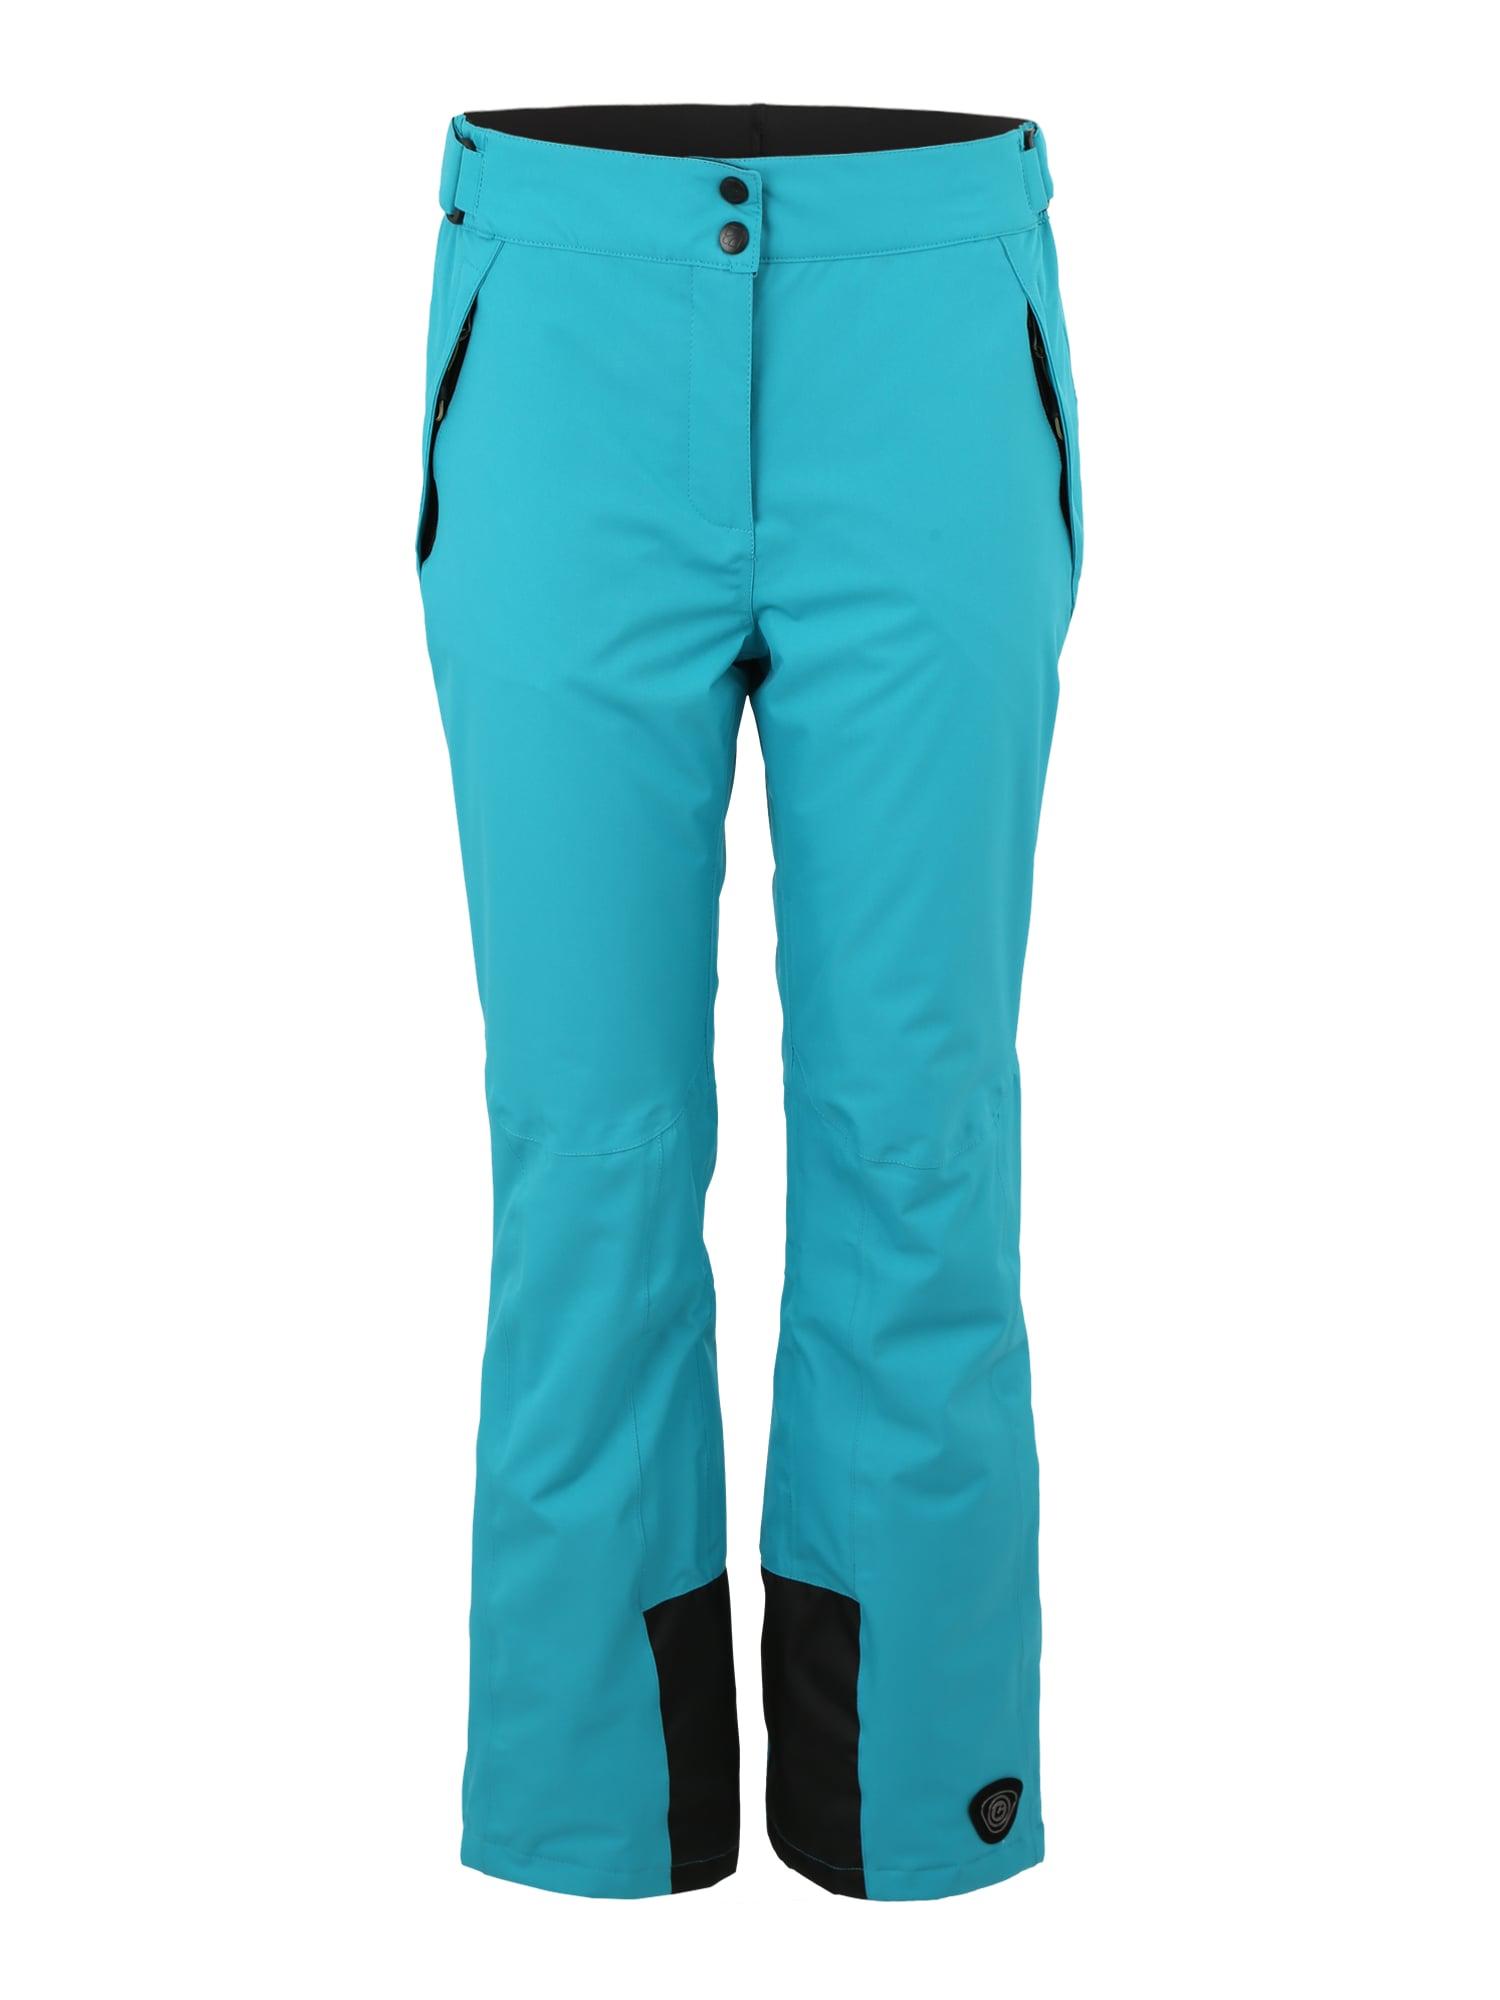 Sportovní kalhoty Tandina světlemodrá KILLTEC